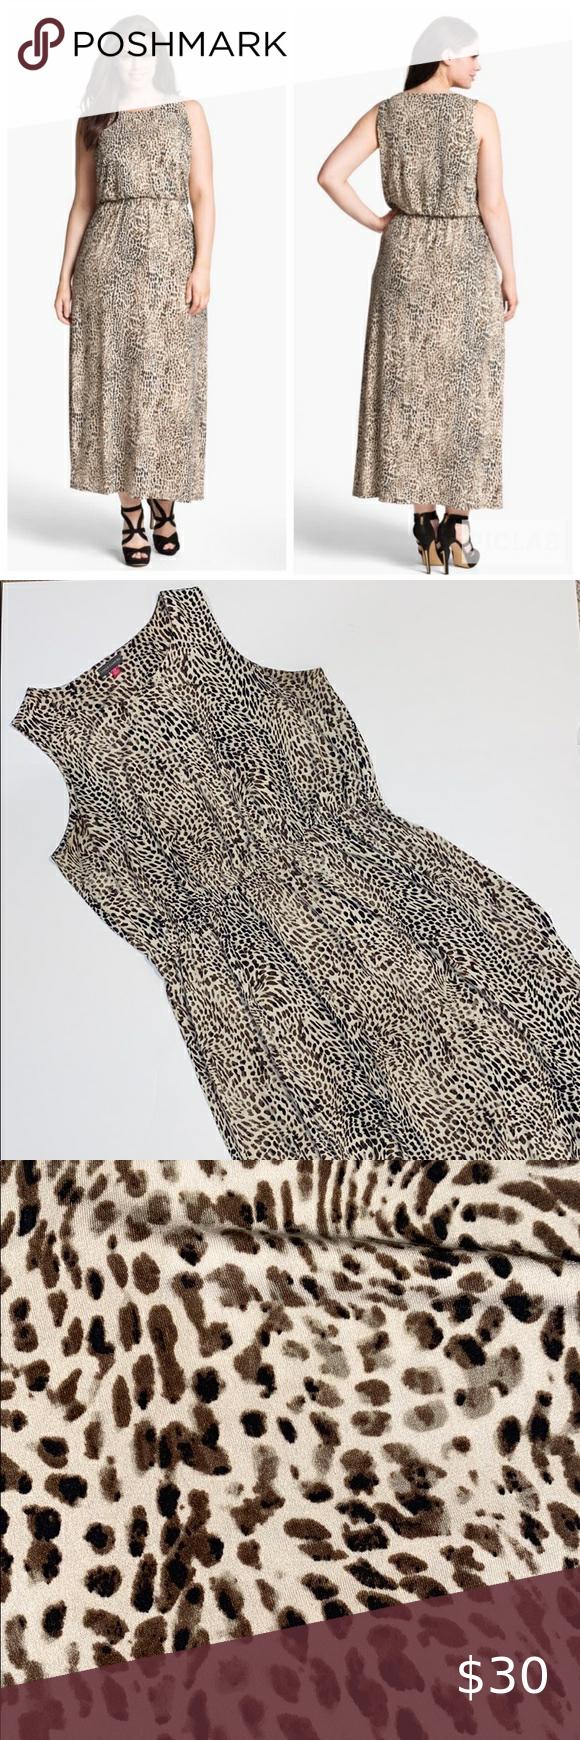 1x Vince Camuto Maxi Dress Leopard Maxi Dress Dresses Maxi Dress [ 1740 x 580 Pixel ]